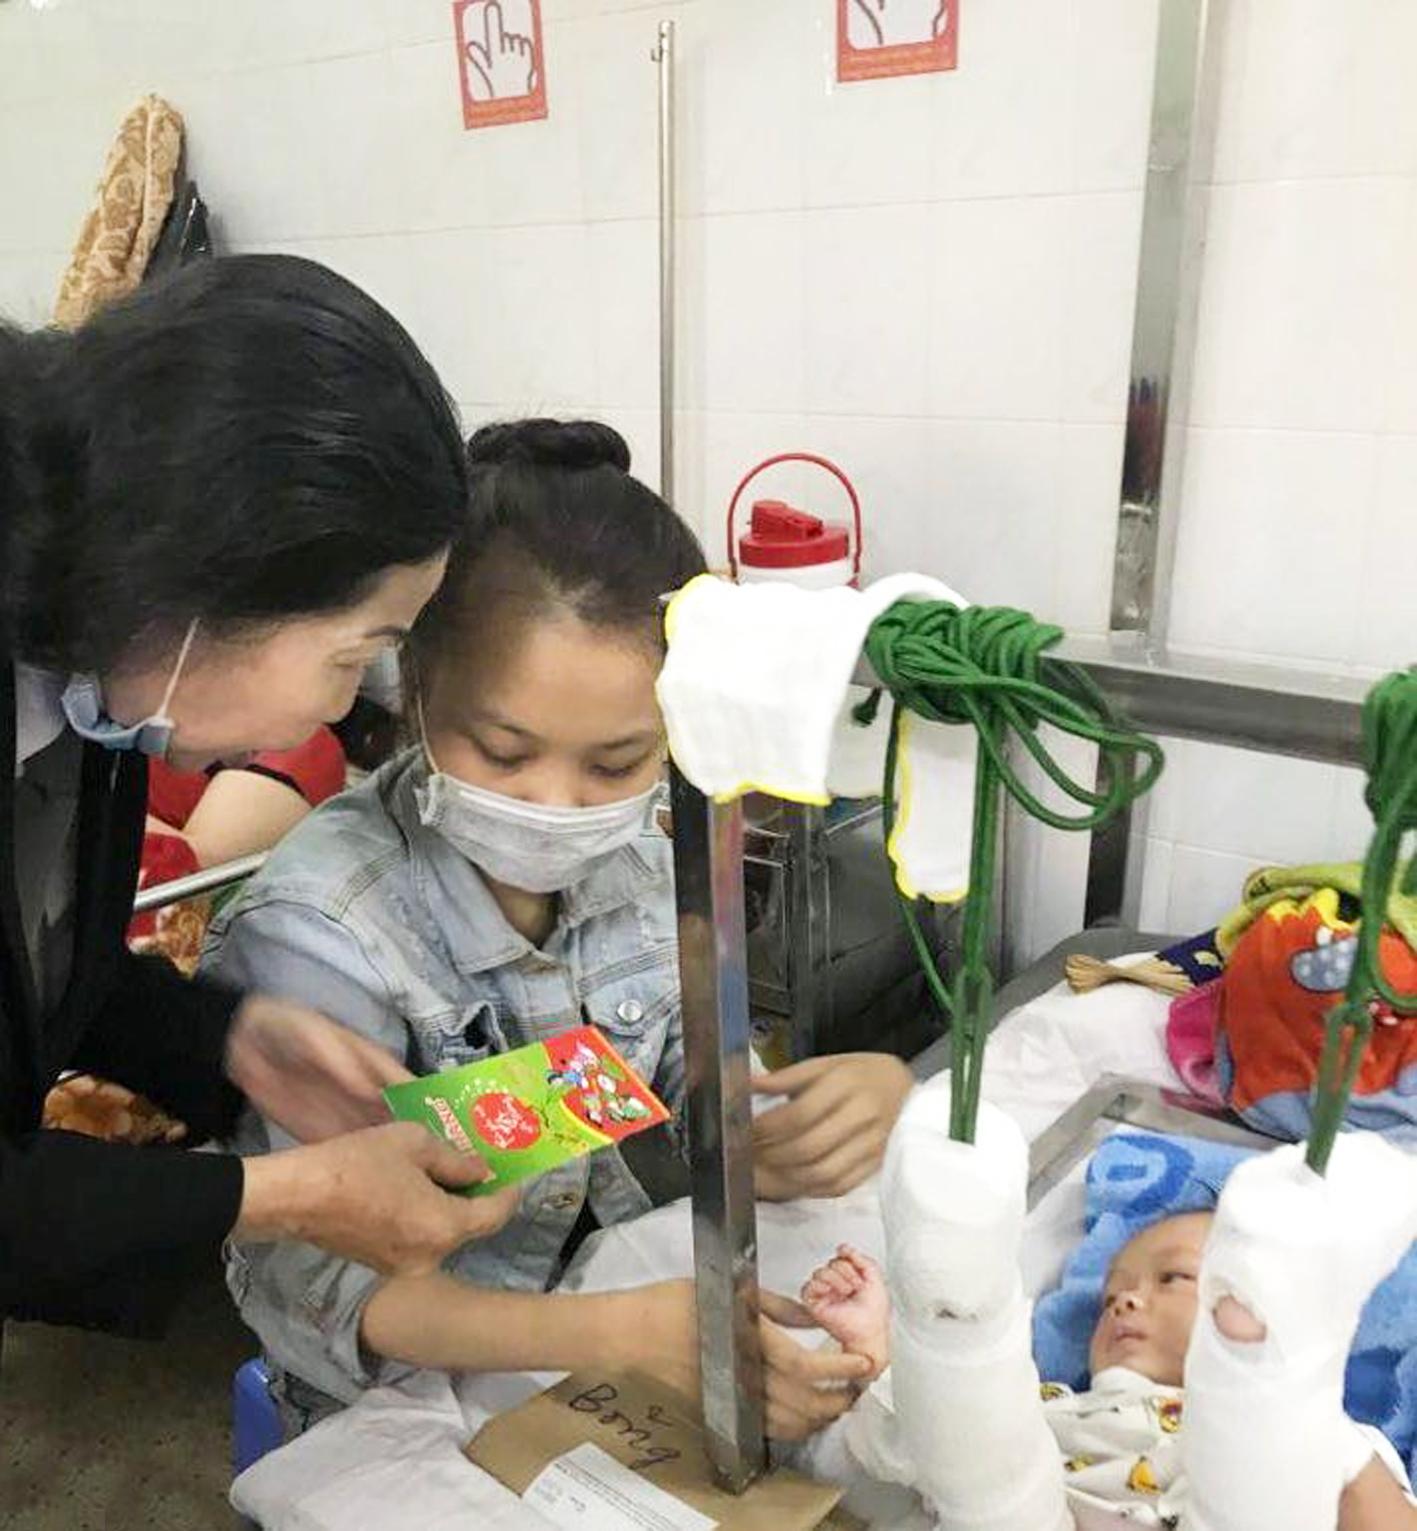 Luật sư Trần Thị Ngọc Nữ cùng Hội LHPN TP.HCM vào bệnh viện thăm em bé bốn tháng tuổi bị cha bạo hành